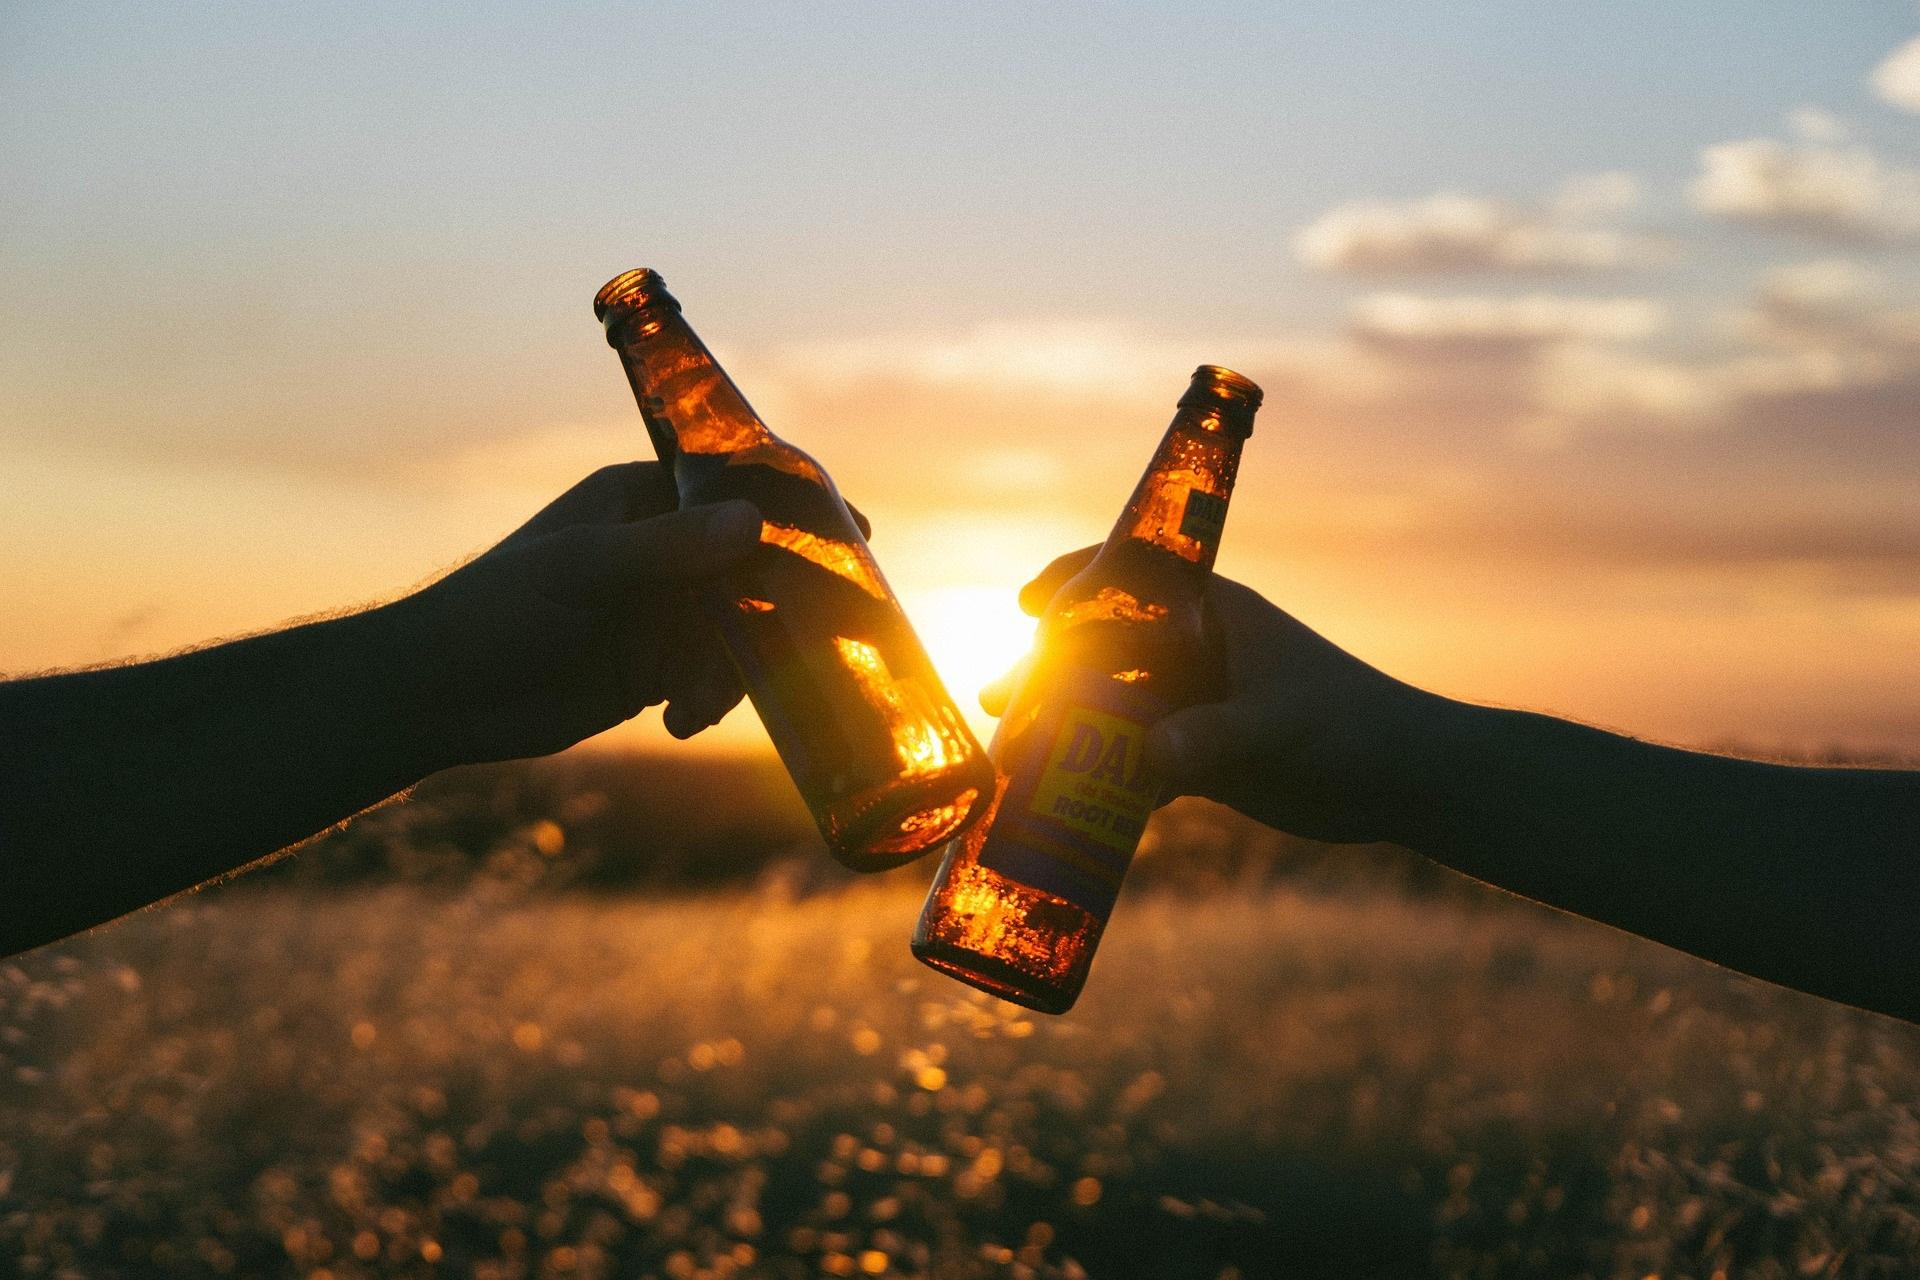 Schenktijden alcoholhoudende dranken clubhuis